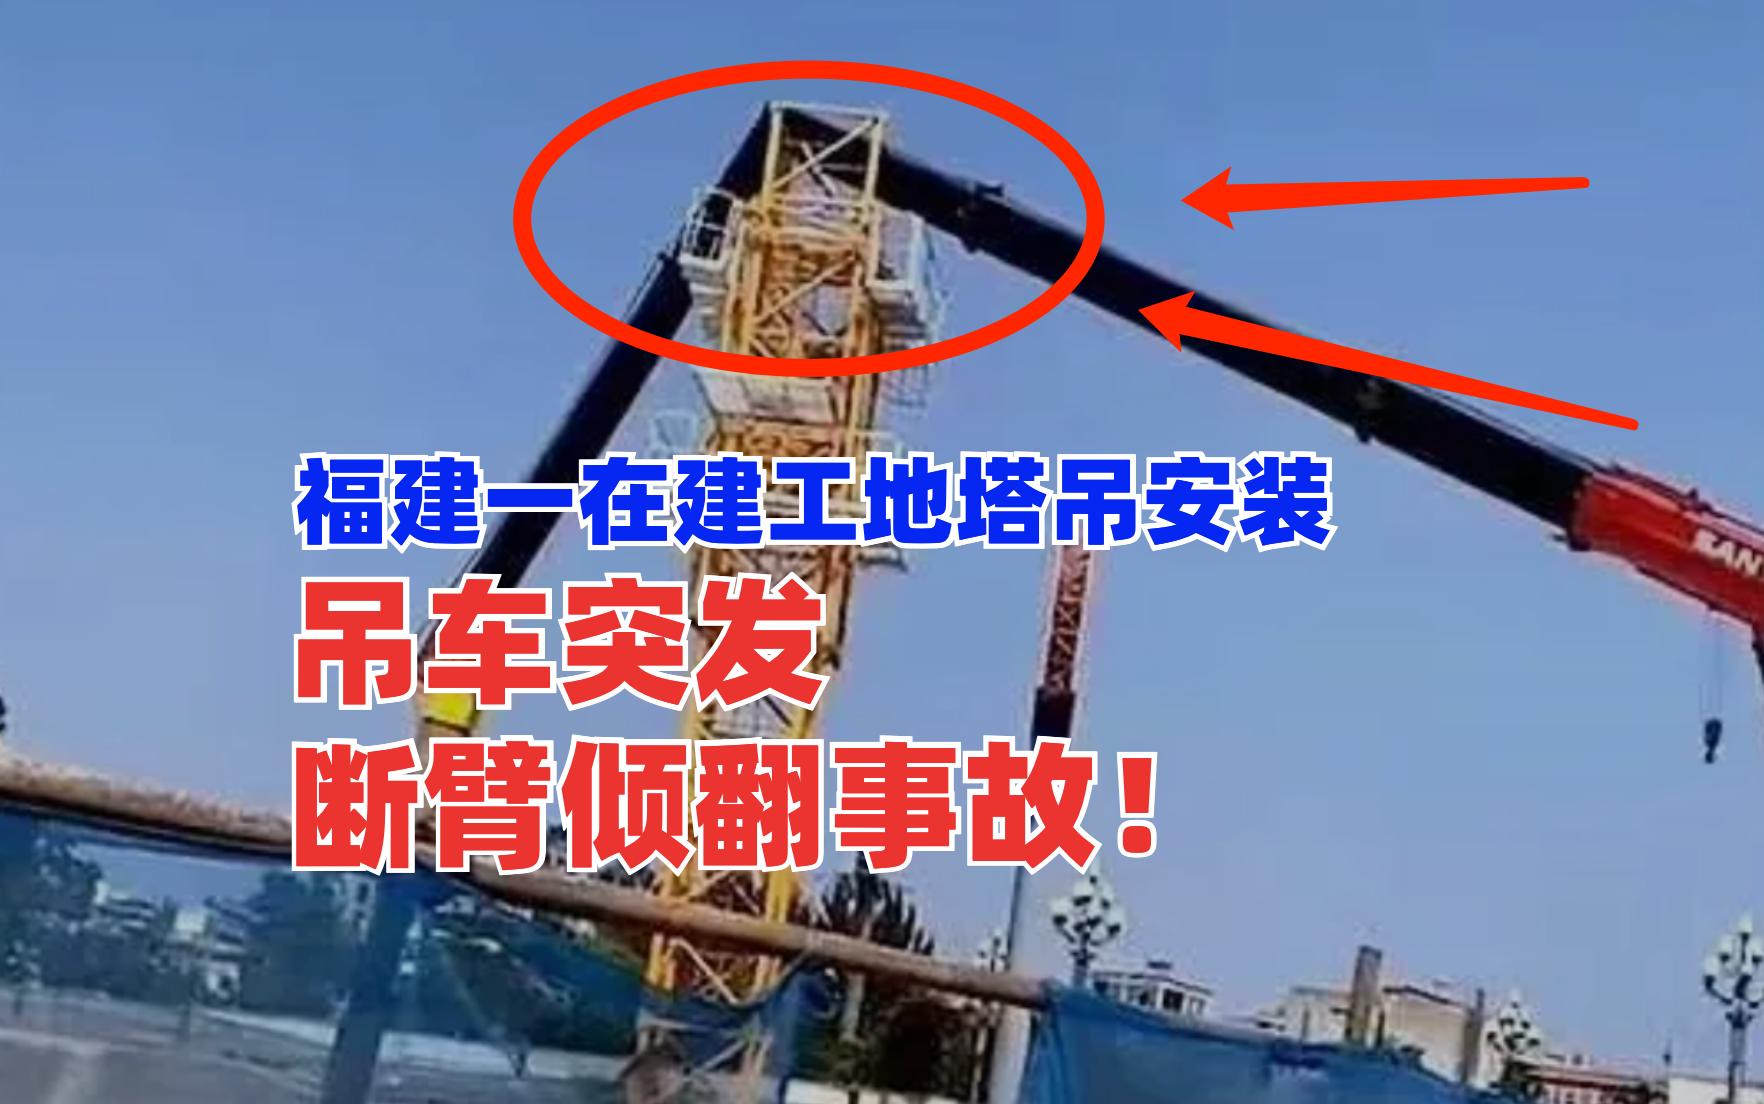 """突发!福建一在建工地塔吊安装作业时吊车发生""""断臂""""倾翻事故!"""